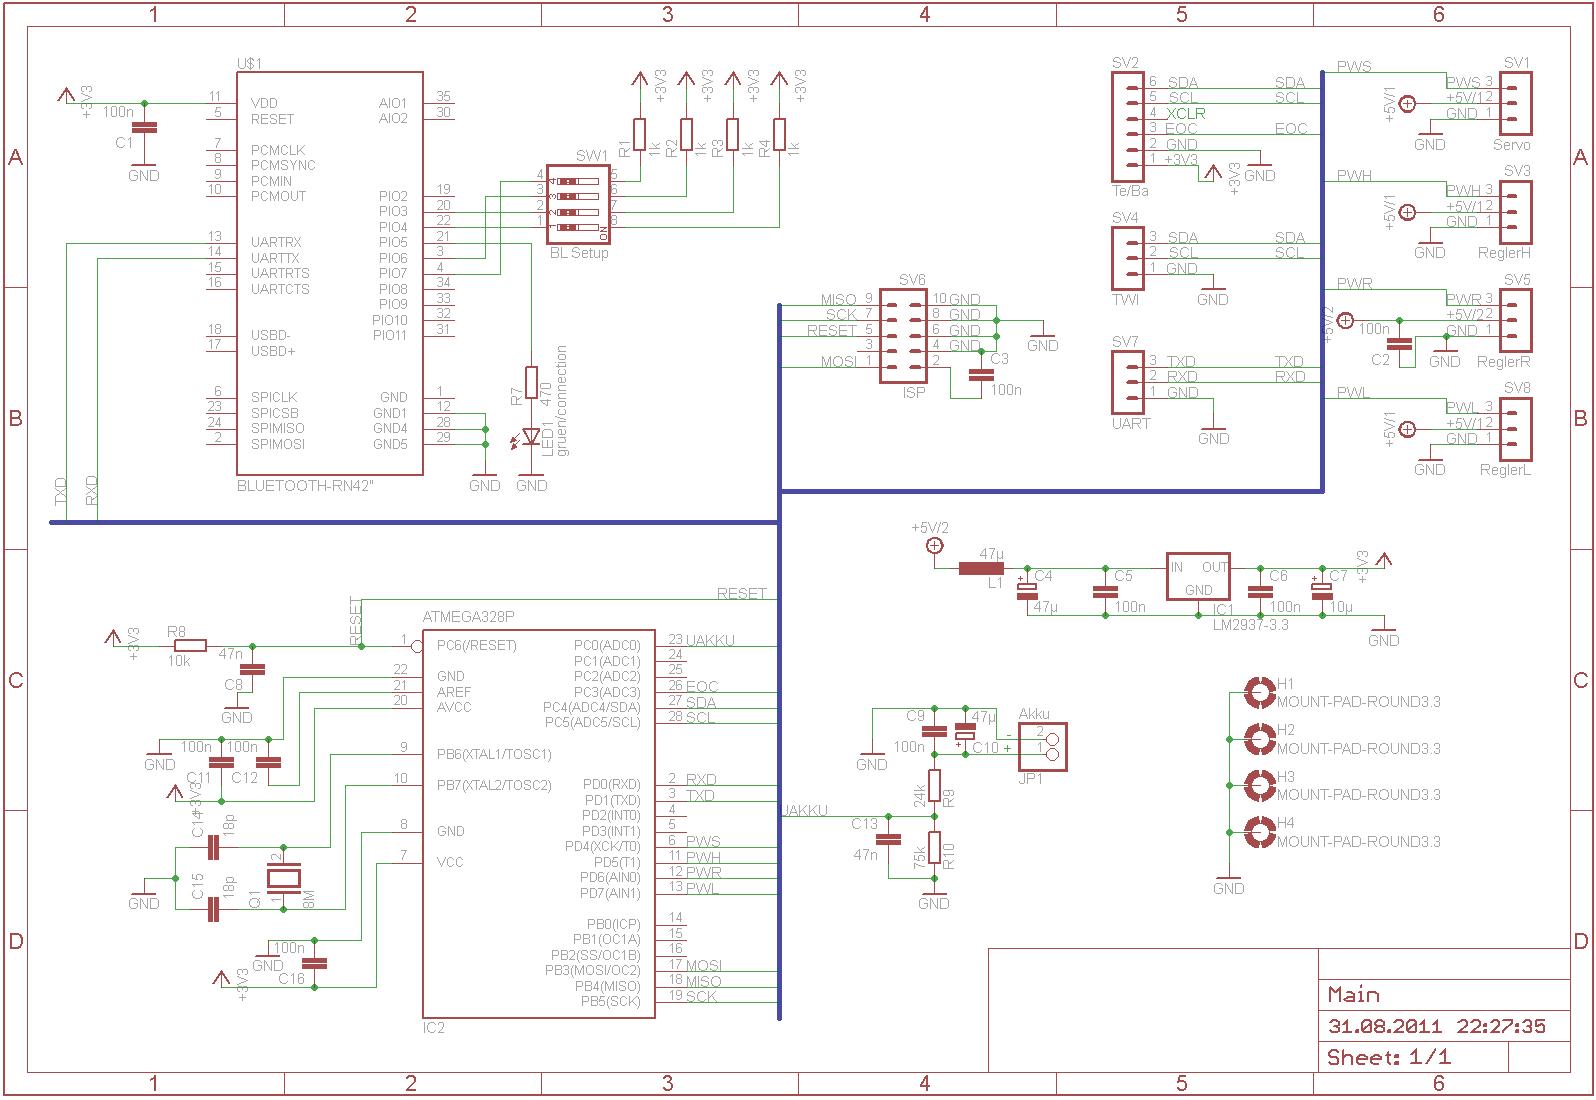 RAMPAS impressora 3D 14 mega-2560